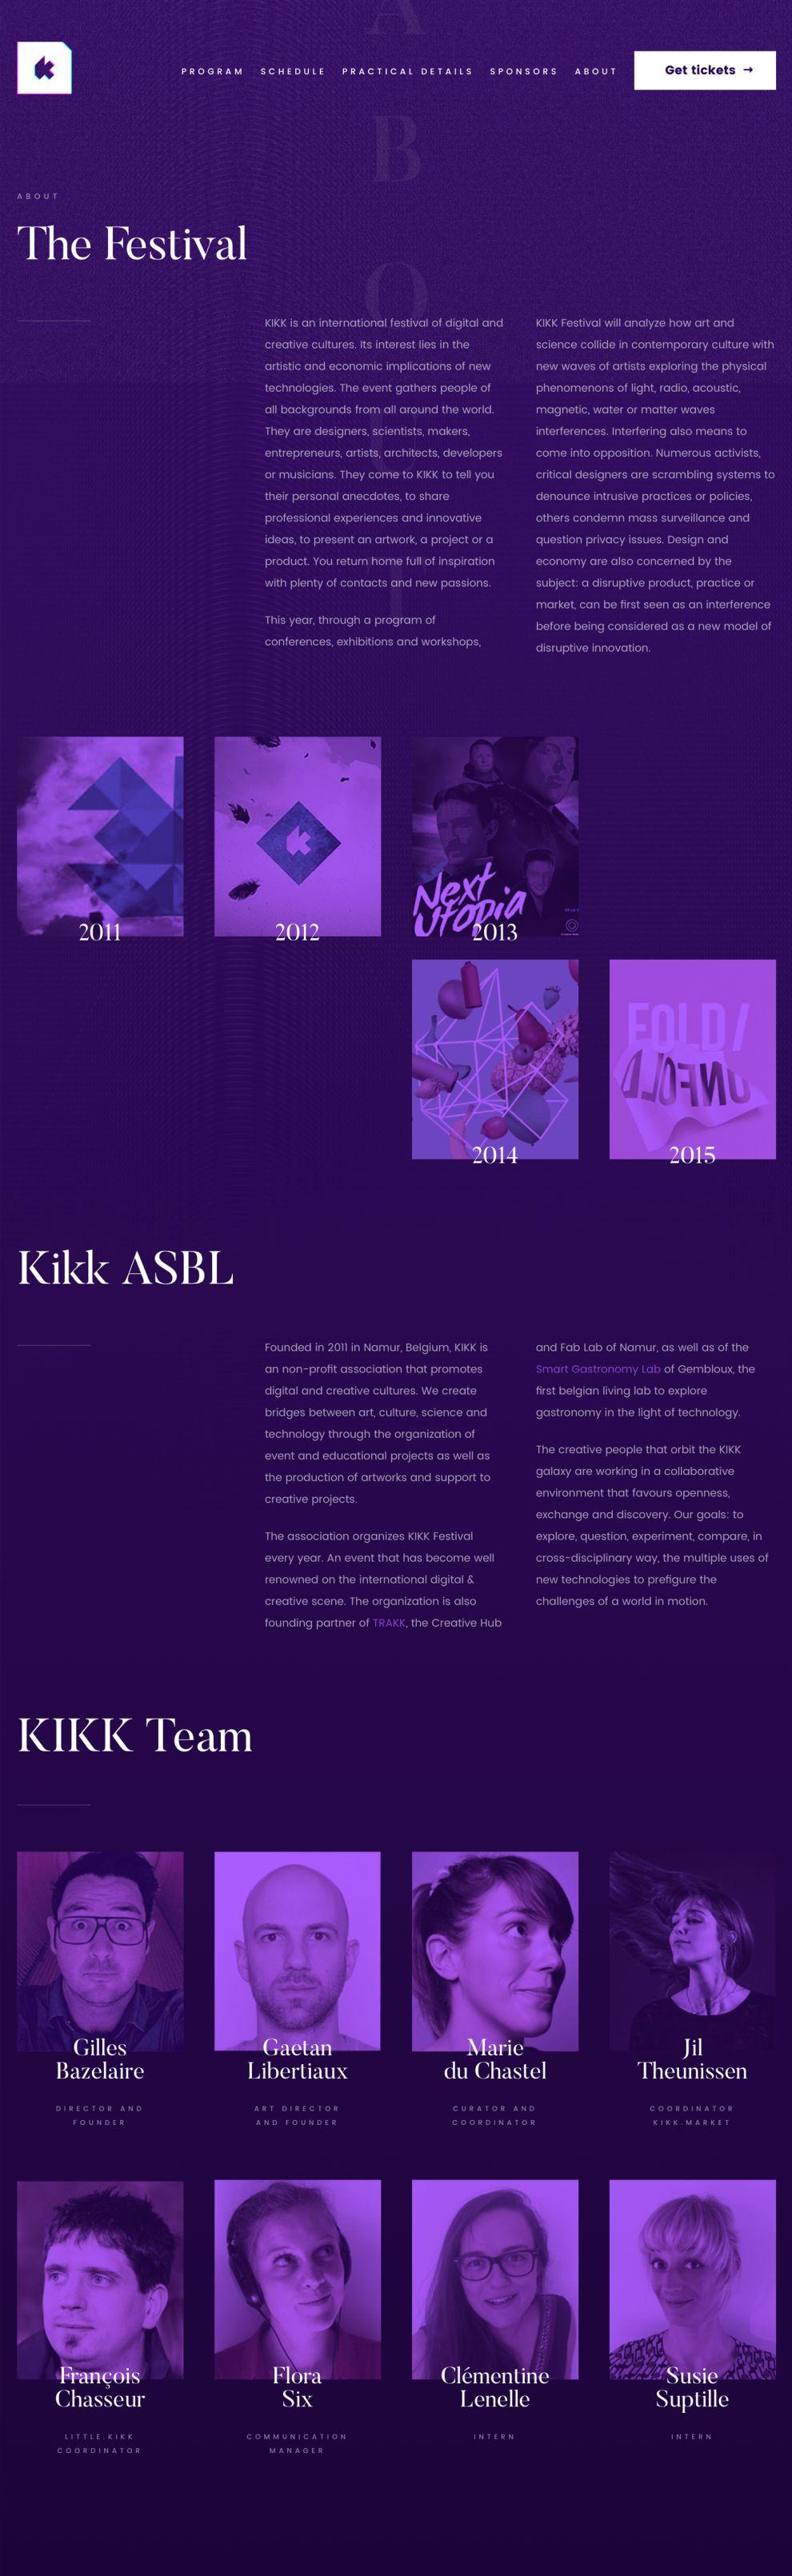 Kikk Festival (slide 2)